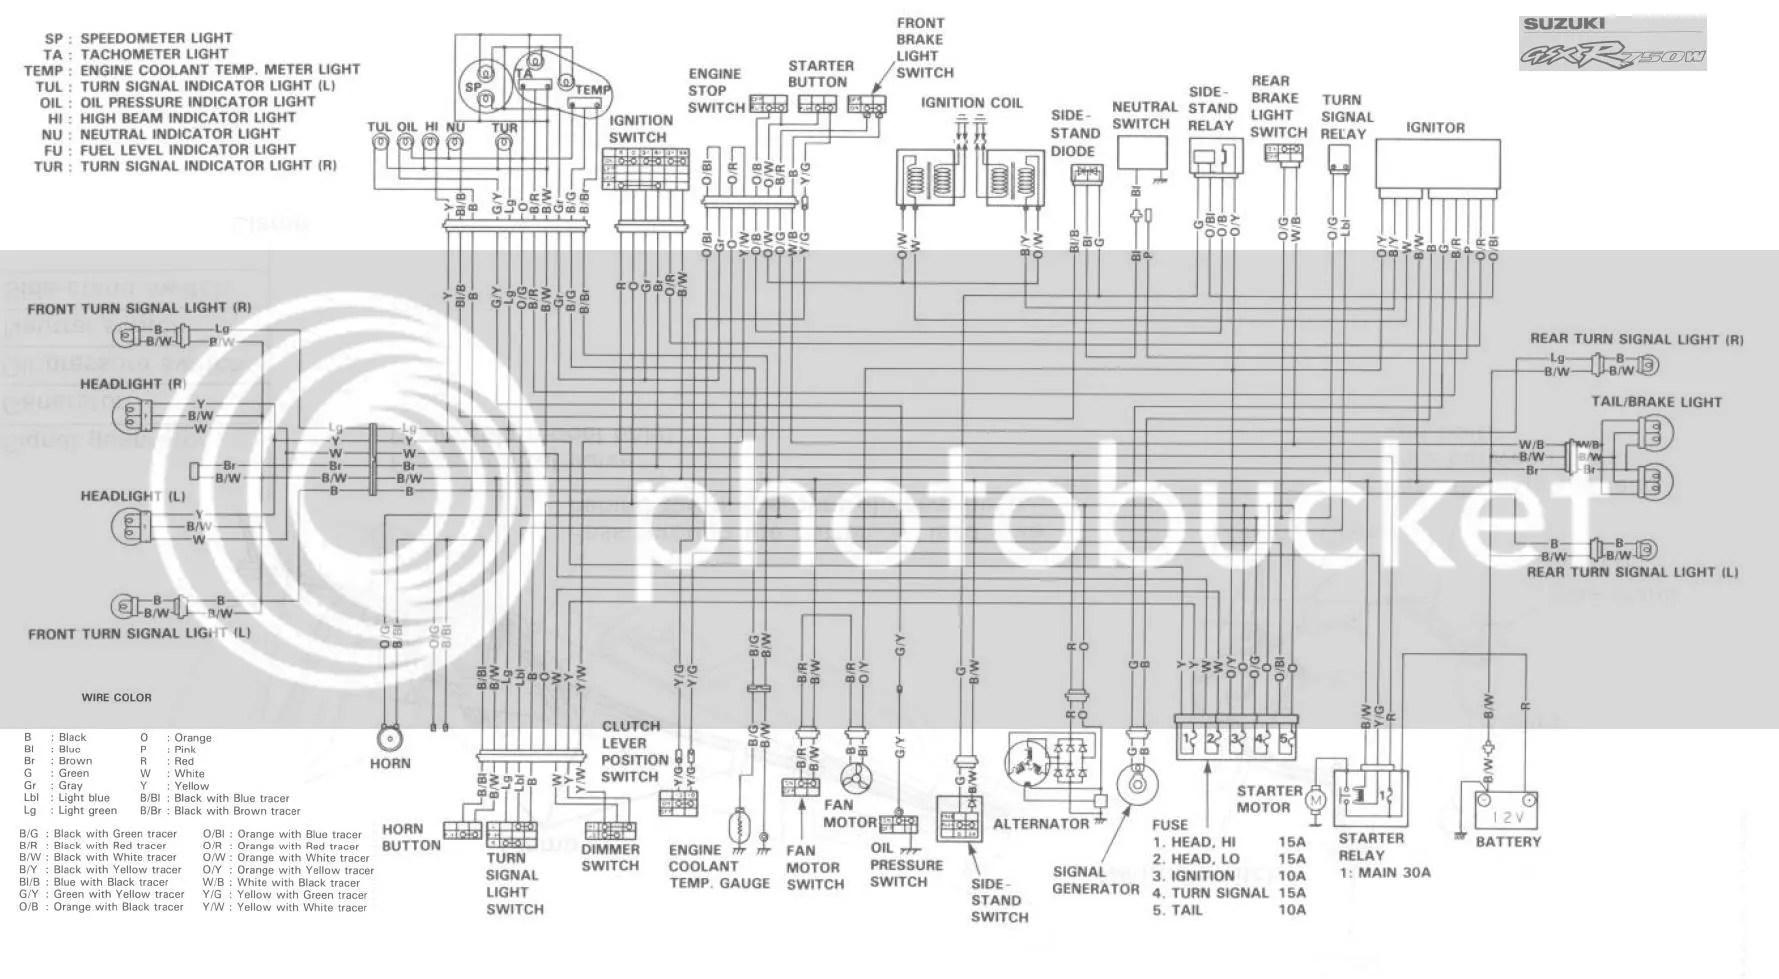 1987 Suzuki Gsxr 1100 Wiring Diagram Free Download Wiring